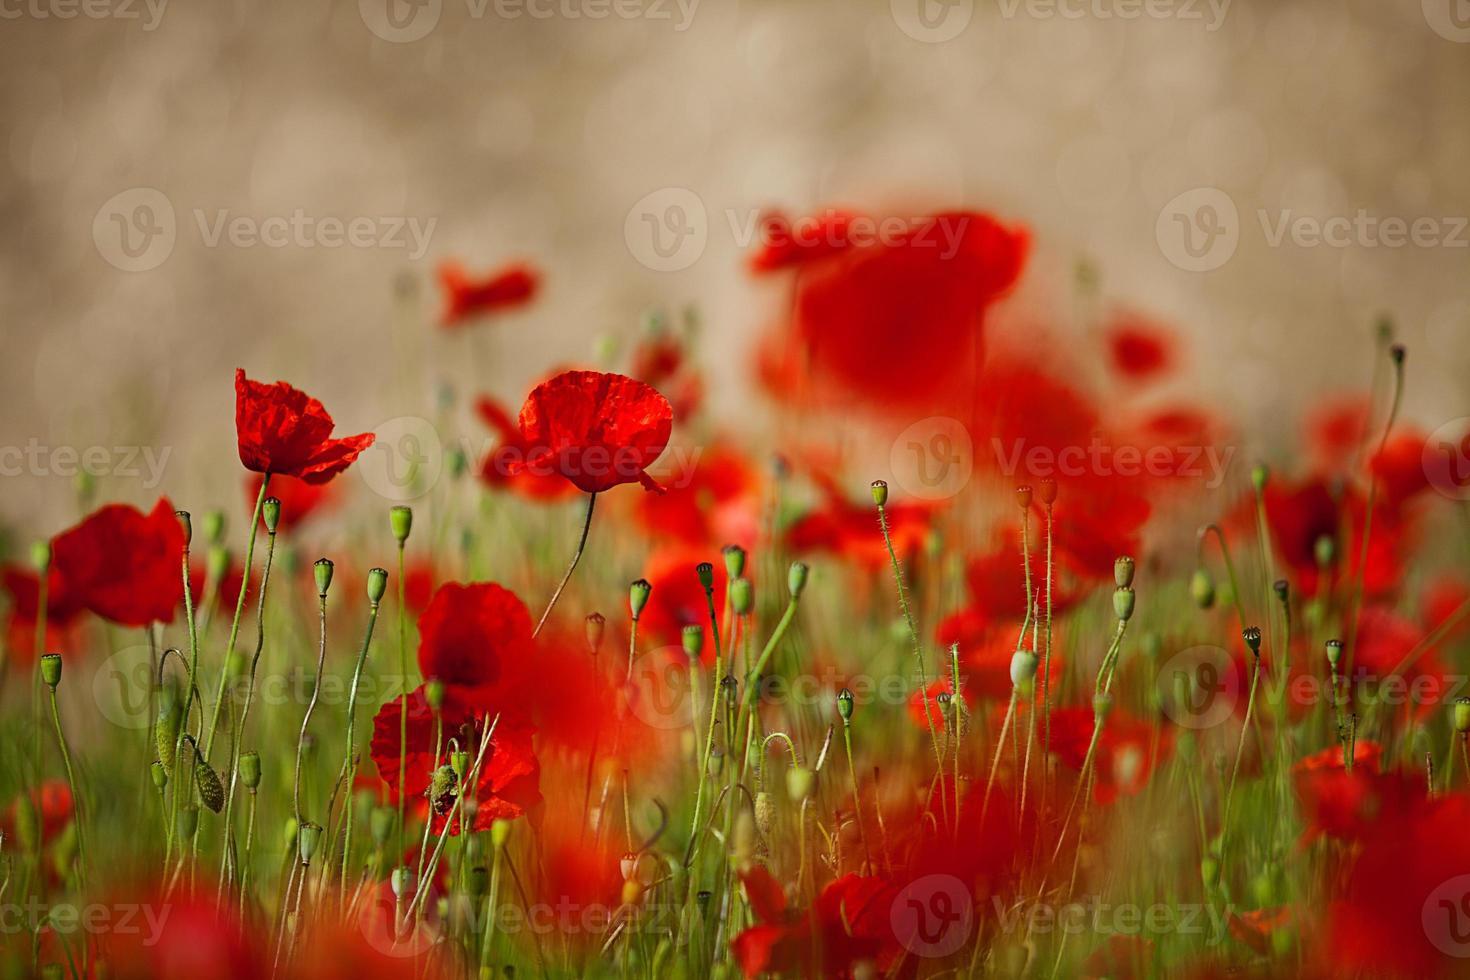 röd majs vallmo blommor foto